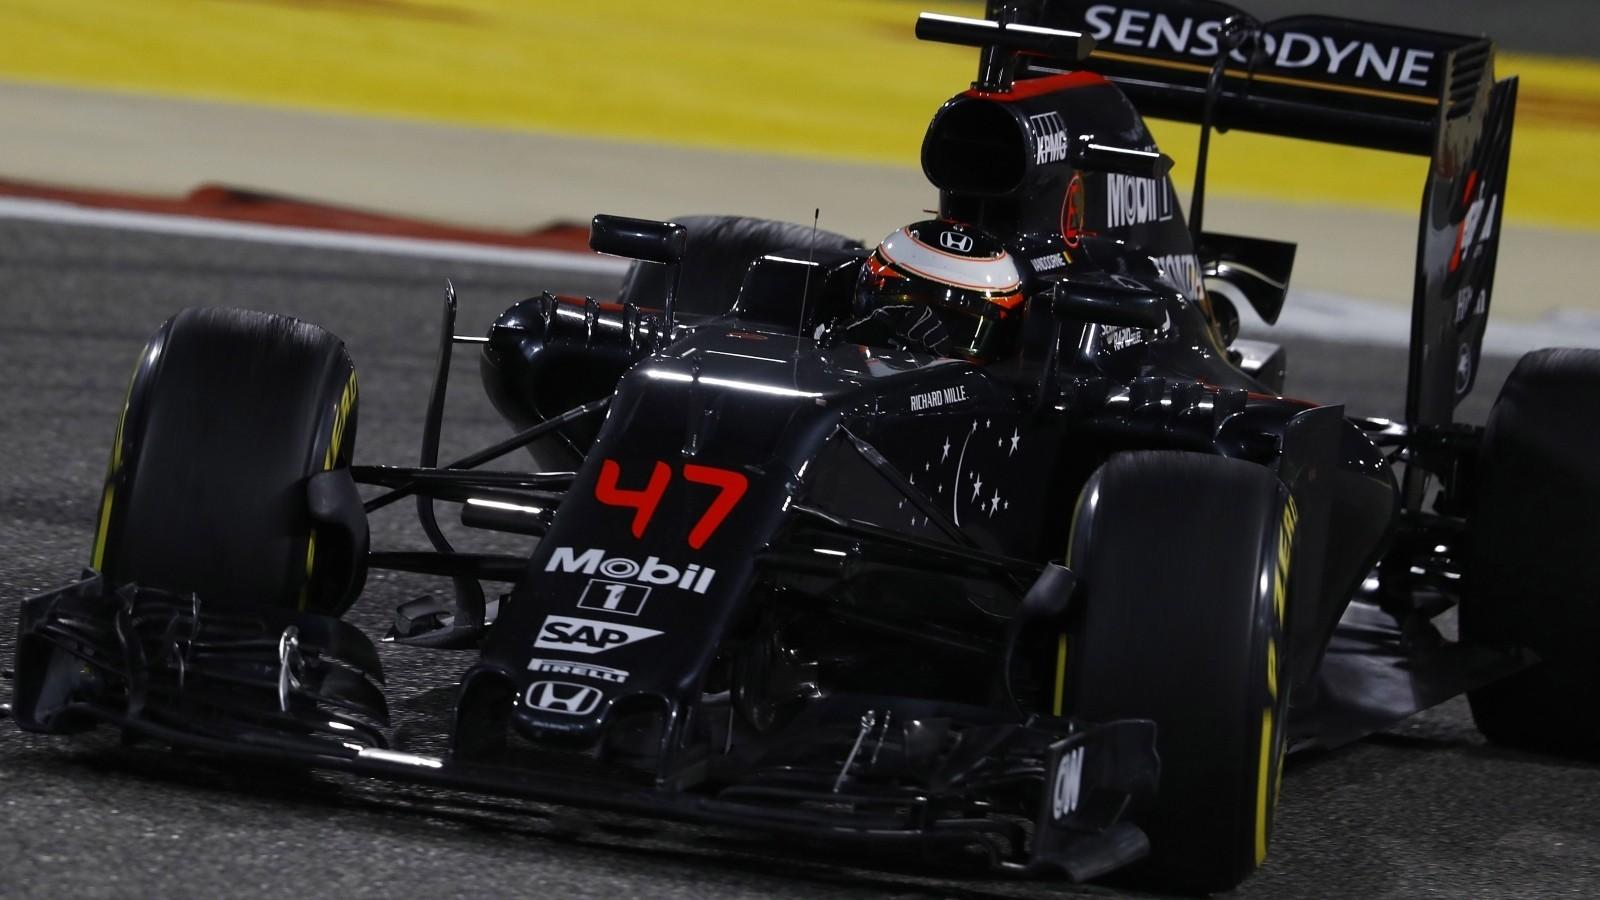 В сезоне 2016 года Вандорн дебютировал в Формуле-1 и сразу же сумел набрать очки